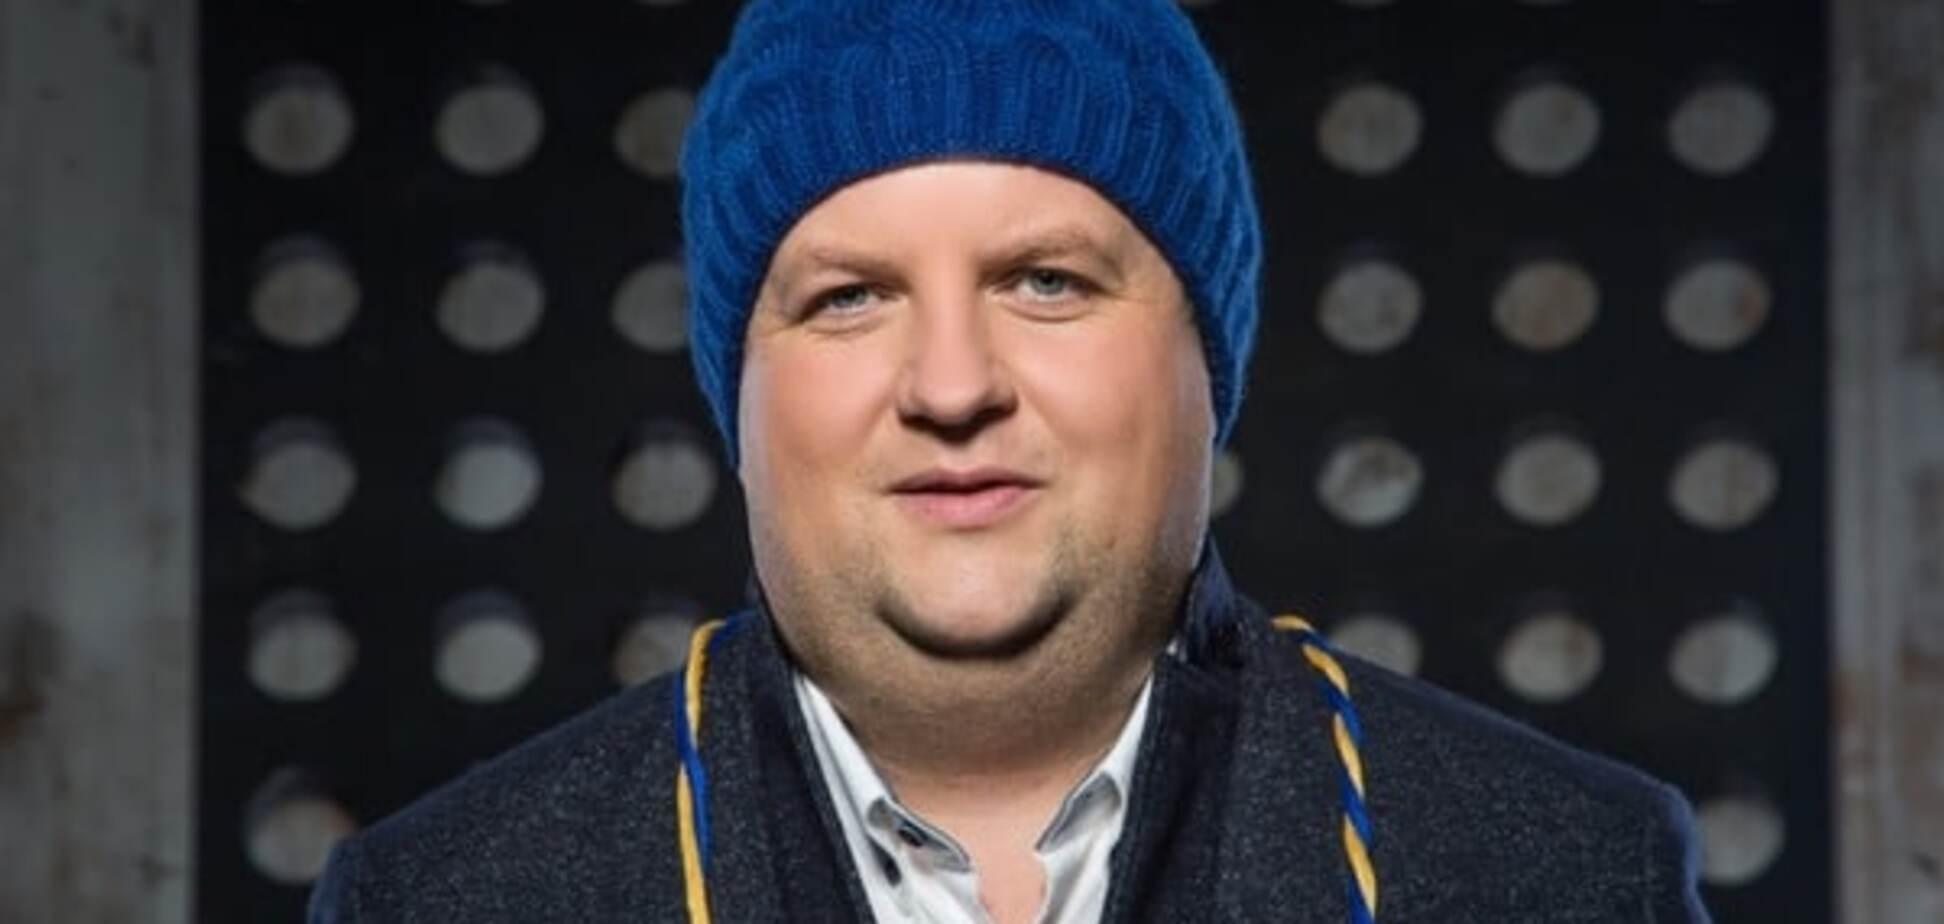 Опросник Пруста: лидер группы 'ТІК' Виктор Бронюк откровенно рассказал о себе